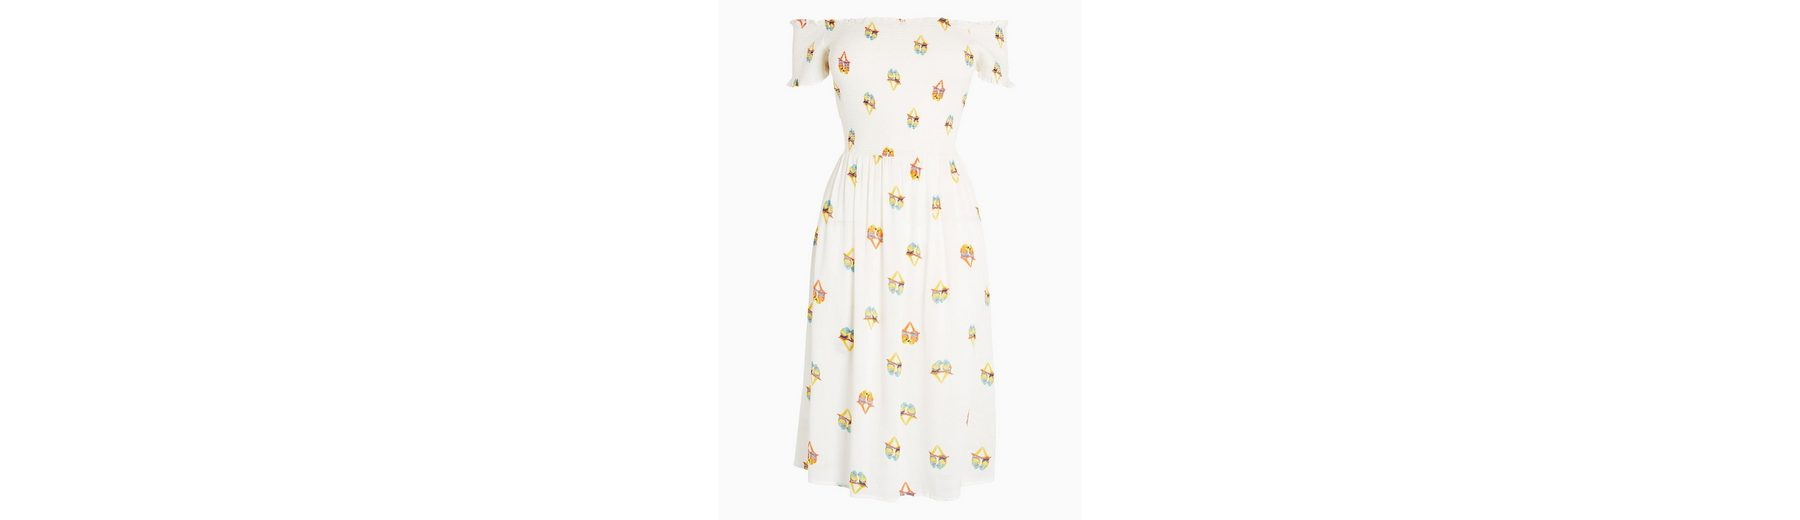 Next Bedrucktes Bardot-Kleid Freie Versandrabatte Discounter bde9KkpPte